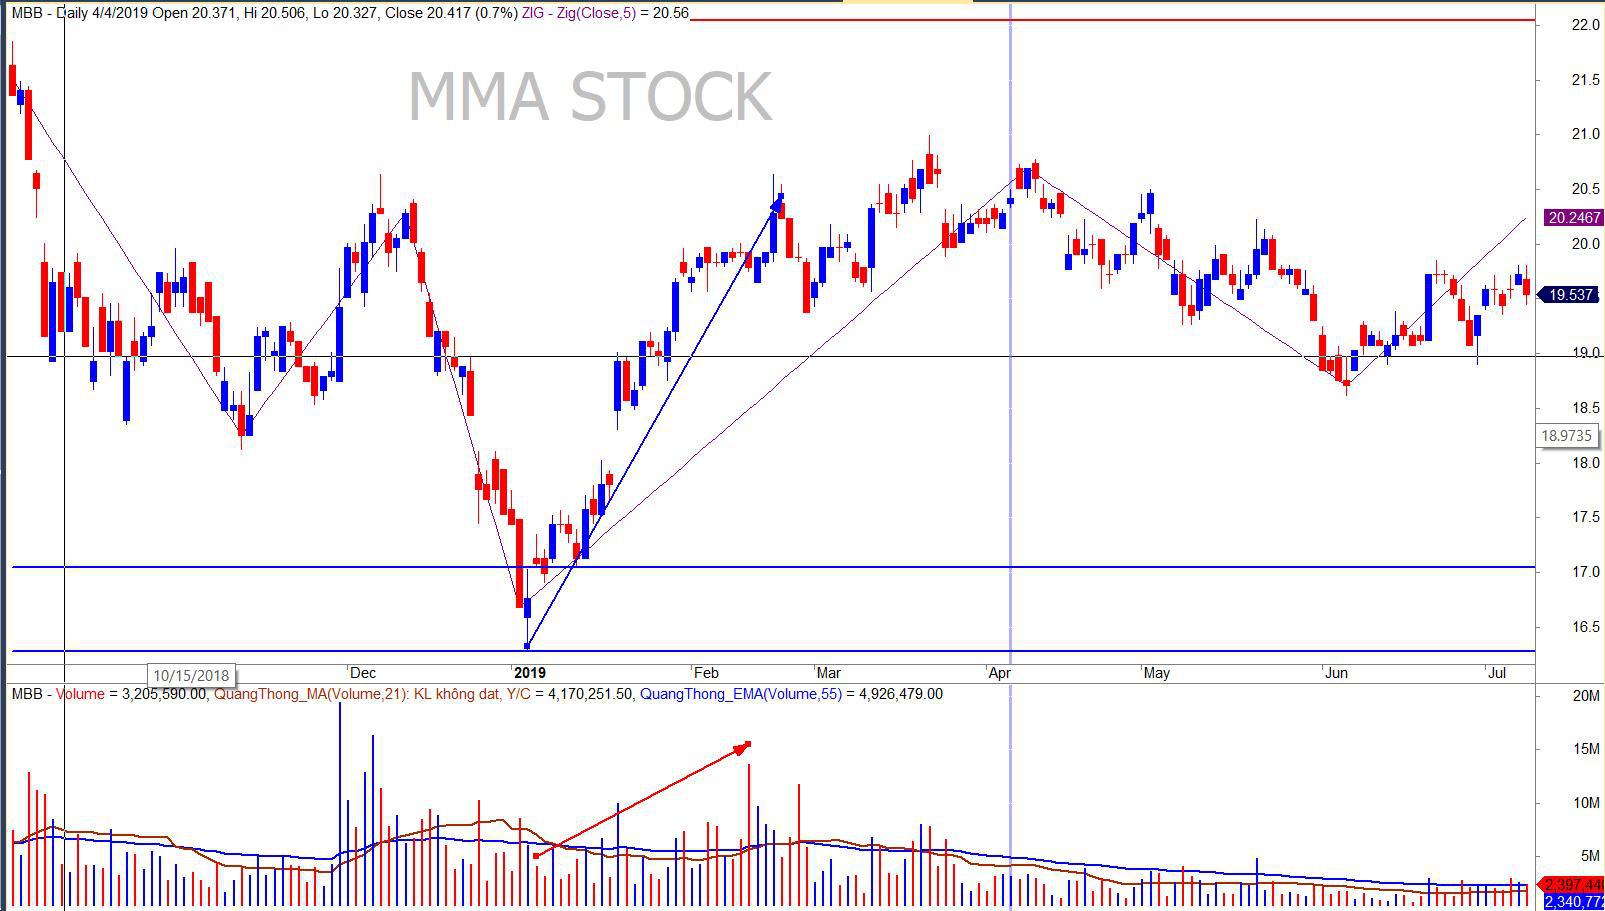 Làm sao để biết được thị trường chứng khoán hoạt động như thế nào? - Ảnh 1.